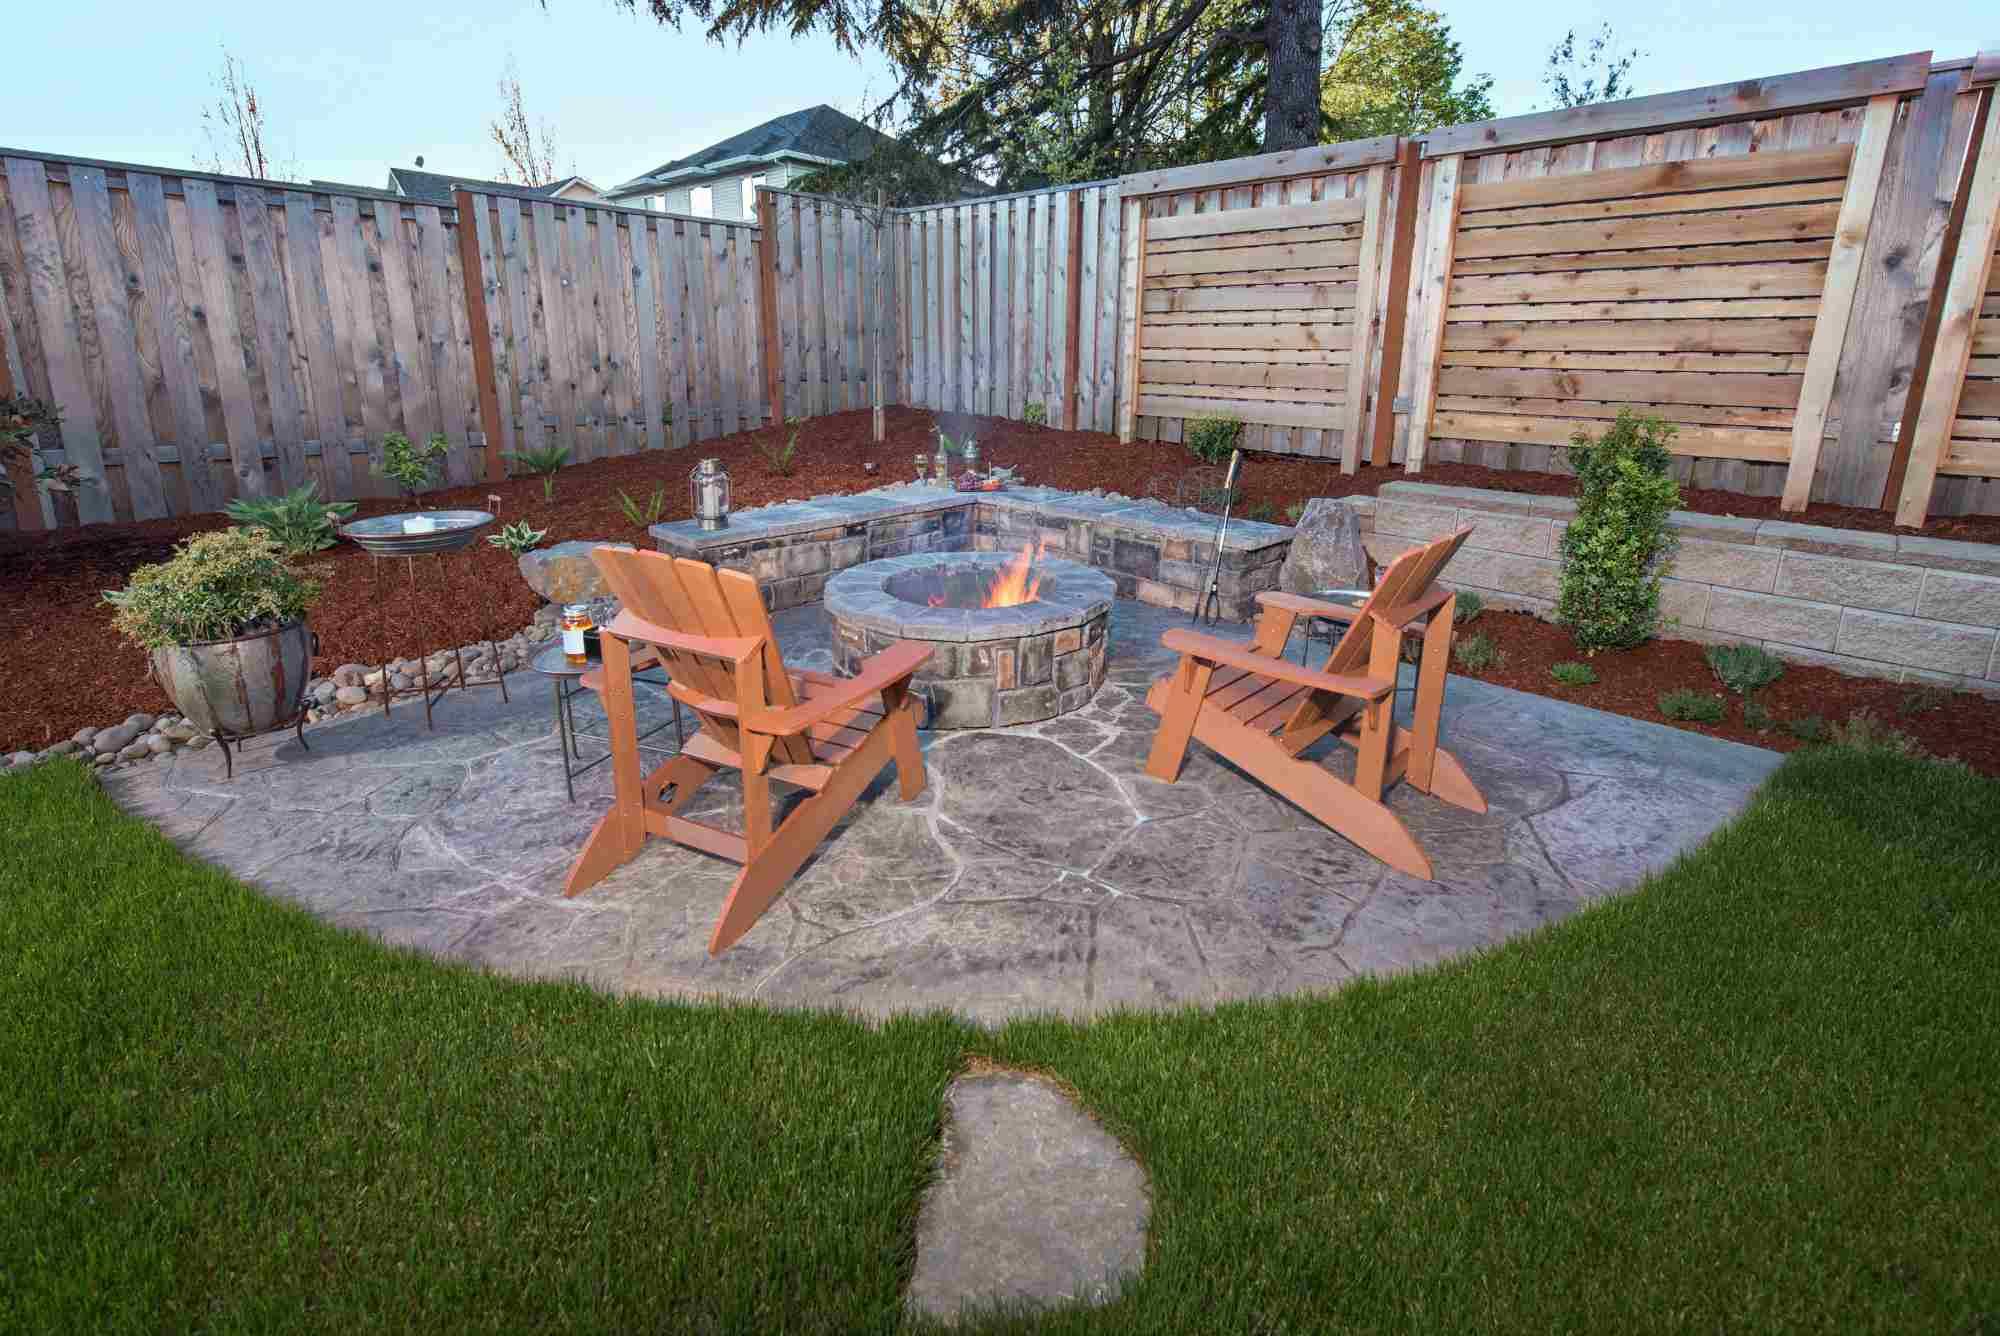 pavimentación de patio